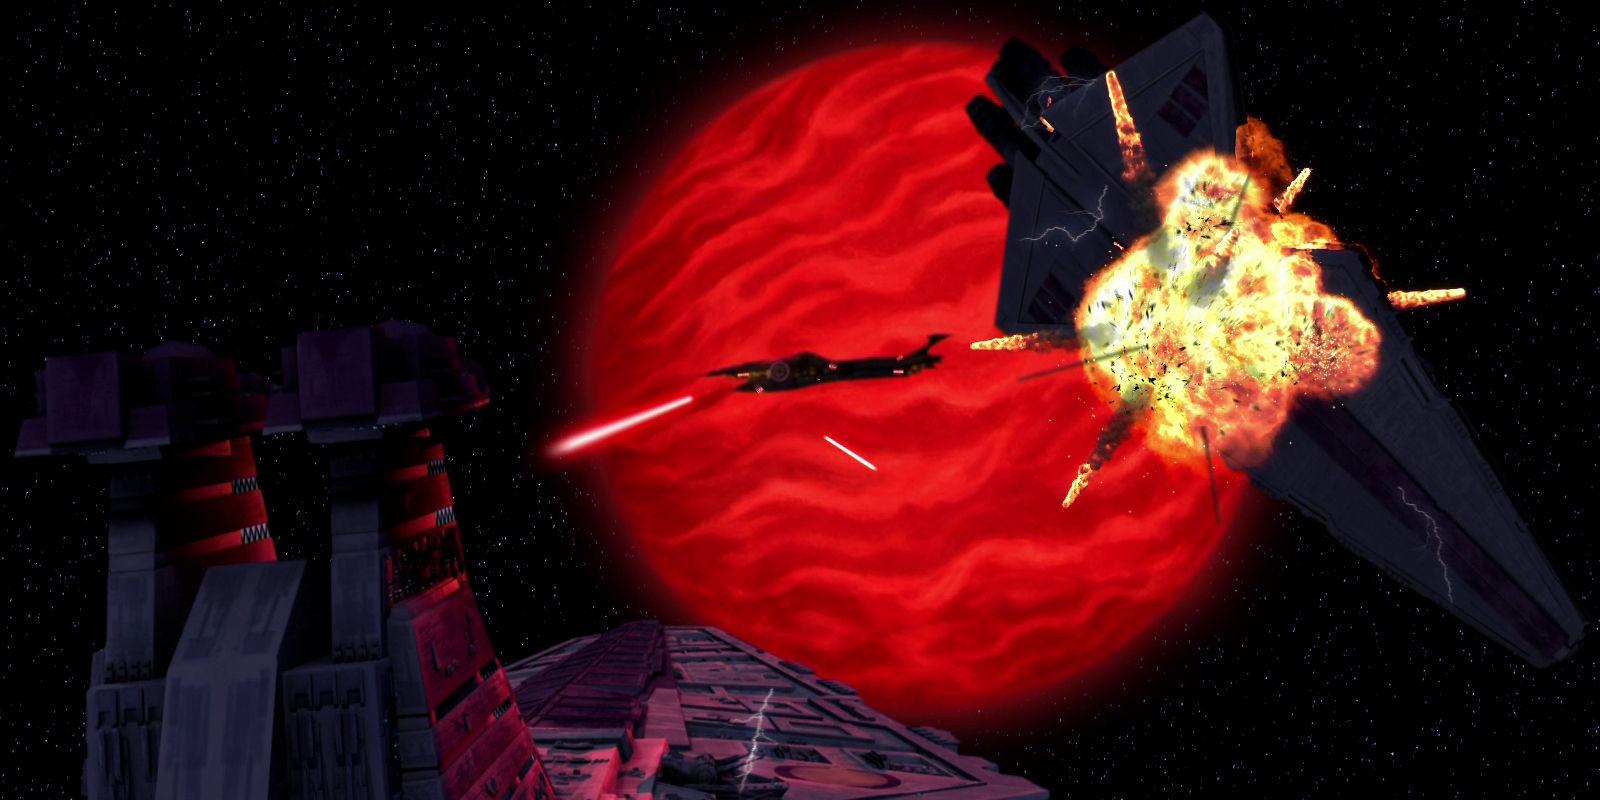 Durante varias batallas, como la de Abregado,una nave inmensa de la Confederación destruye muchos cruceros Jedi. ¿Su nombre era?